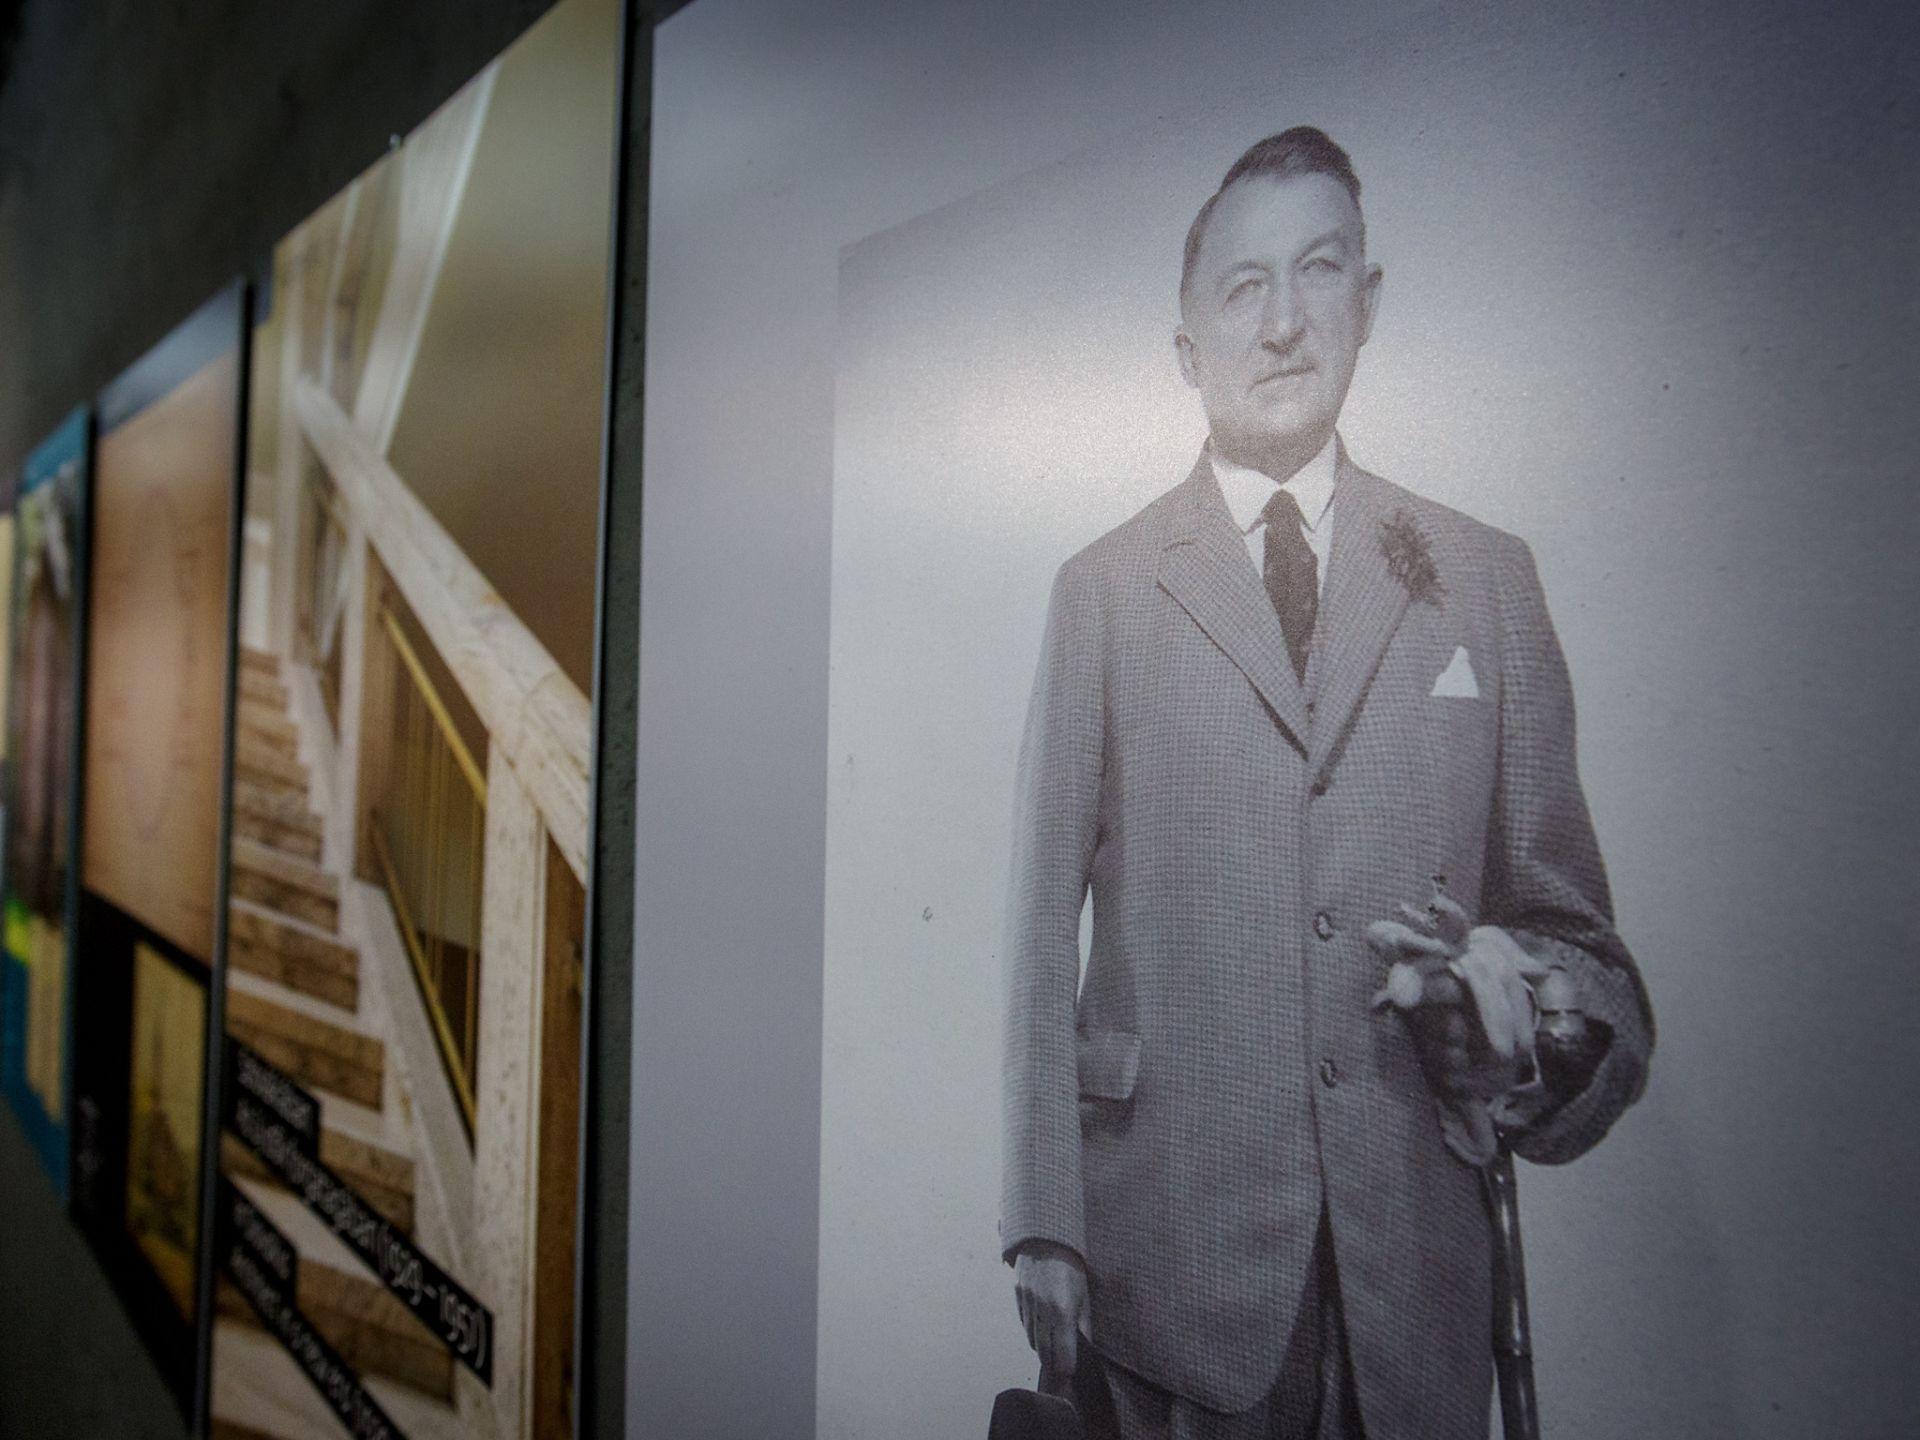 Portrét architekta M. M. Harminca z výstavy vo Fuge.